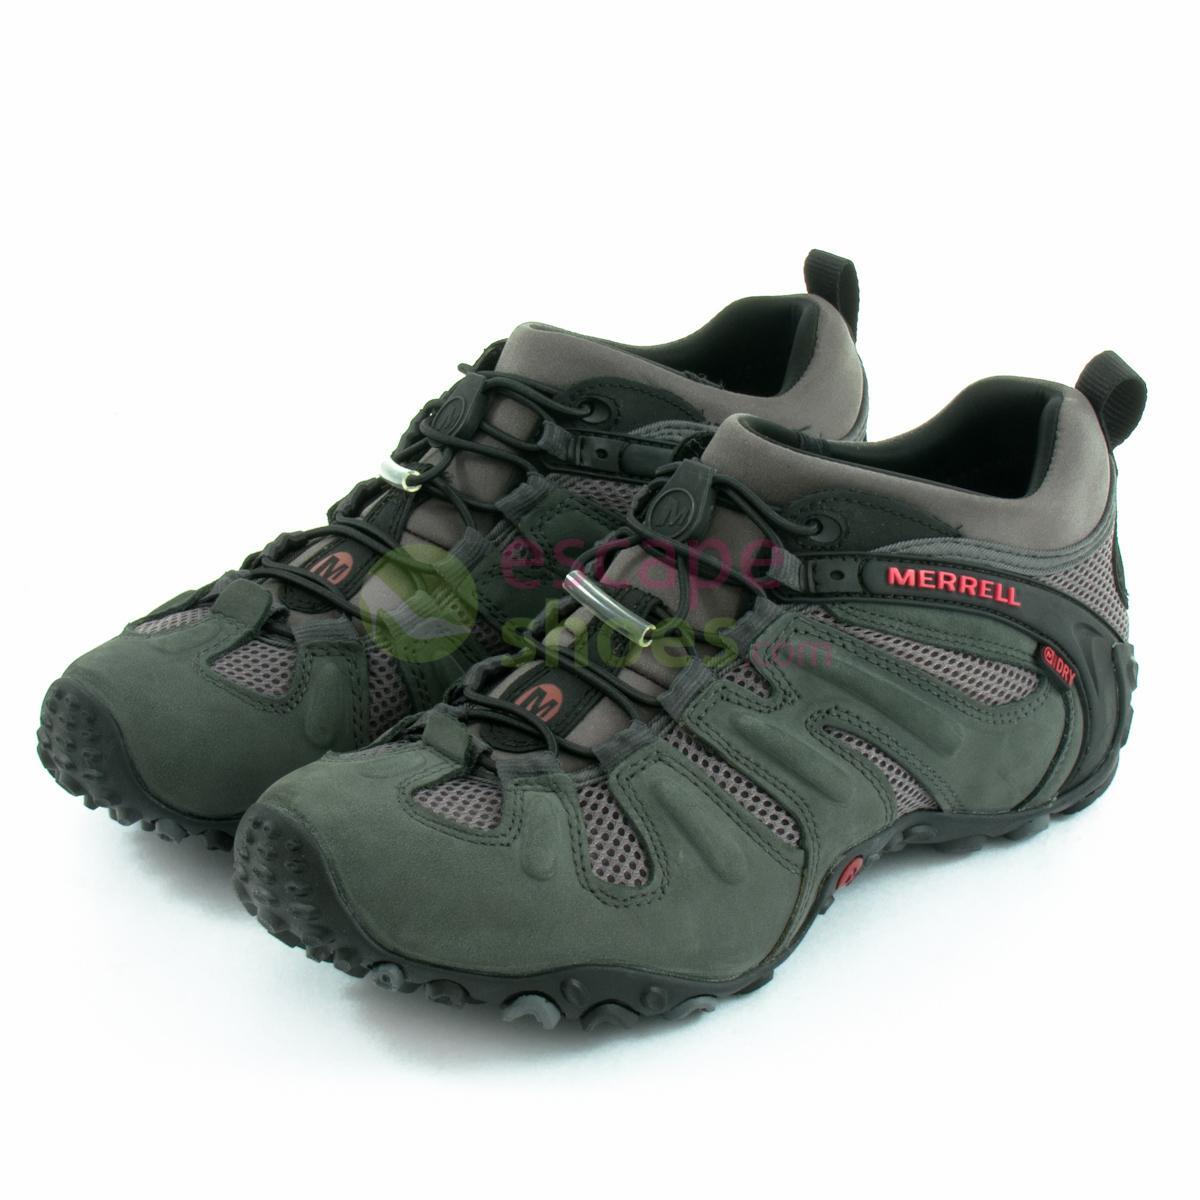 Sneakers MERRELL J21405 Chameleon Prime